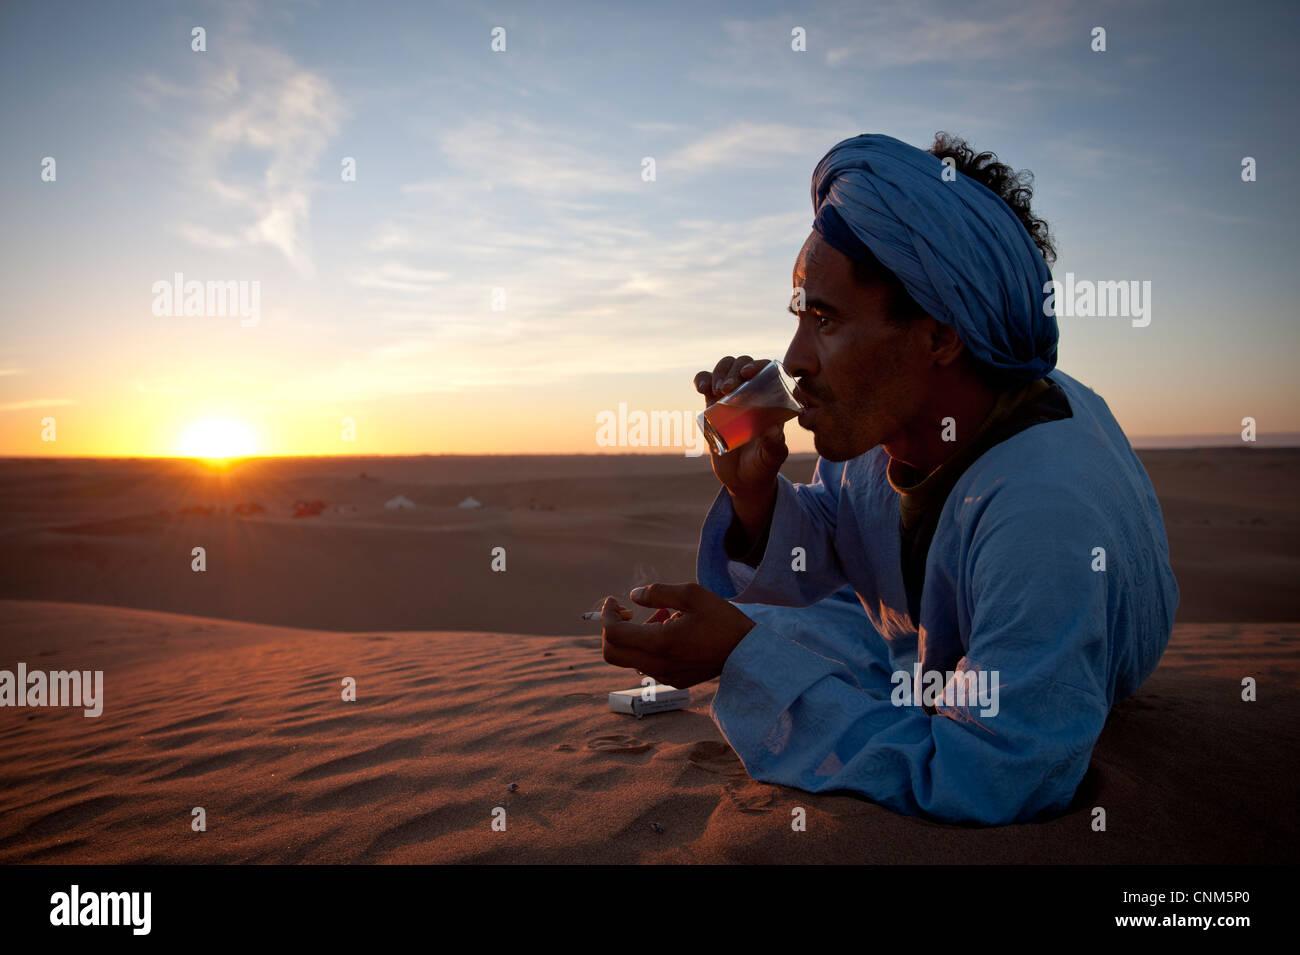 Nómada bereber beber té al atardecer en el desierto del Sáhara, Erg Chigaga, Marruecos Imagen De Stock